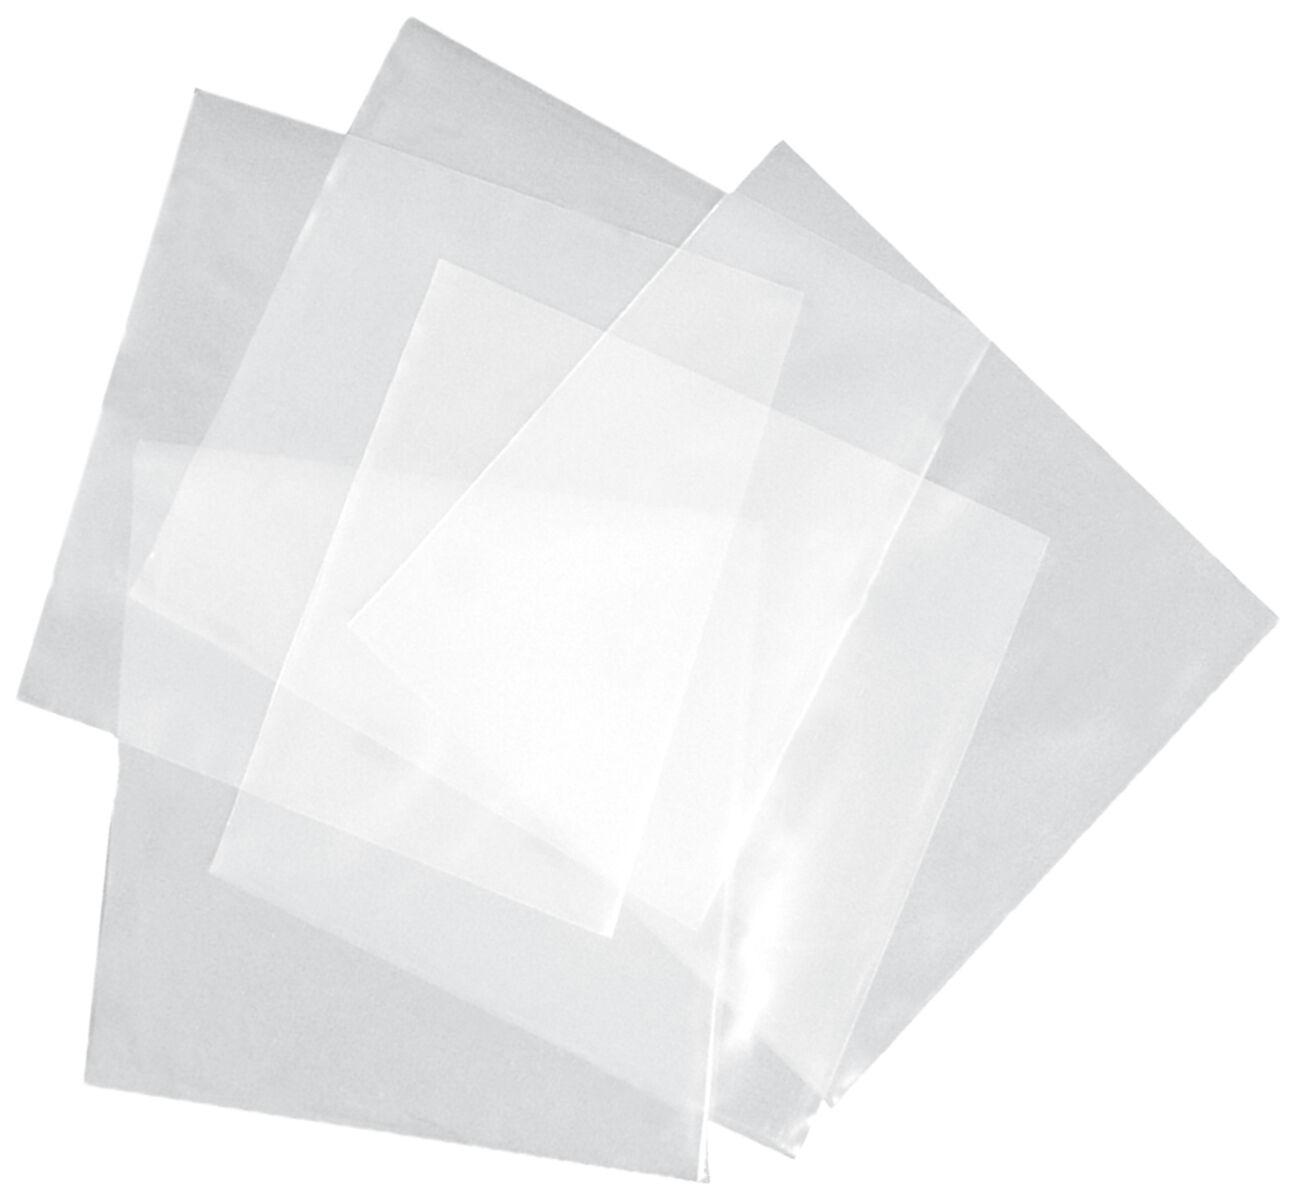 Vinyl-Schutzhüllen (100 Stück) Picture  Schutzhülle  Standard